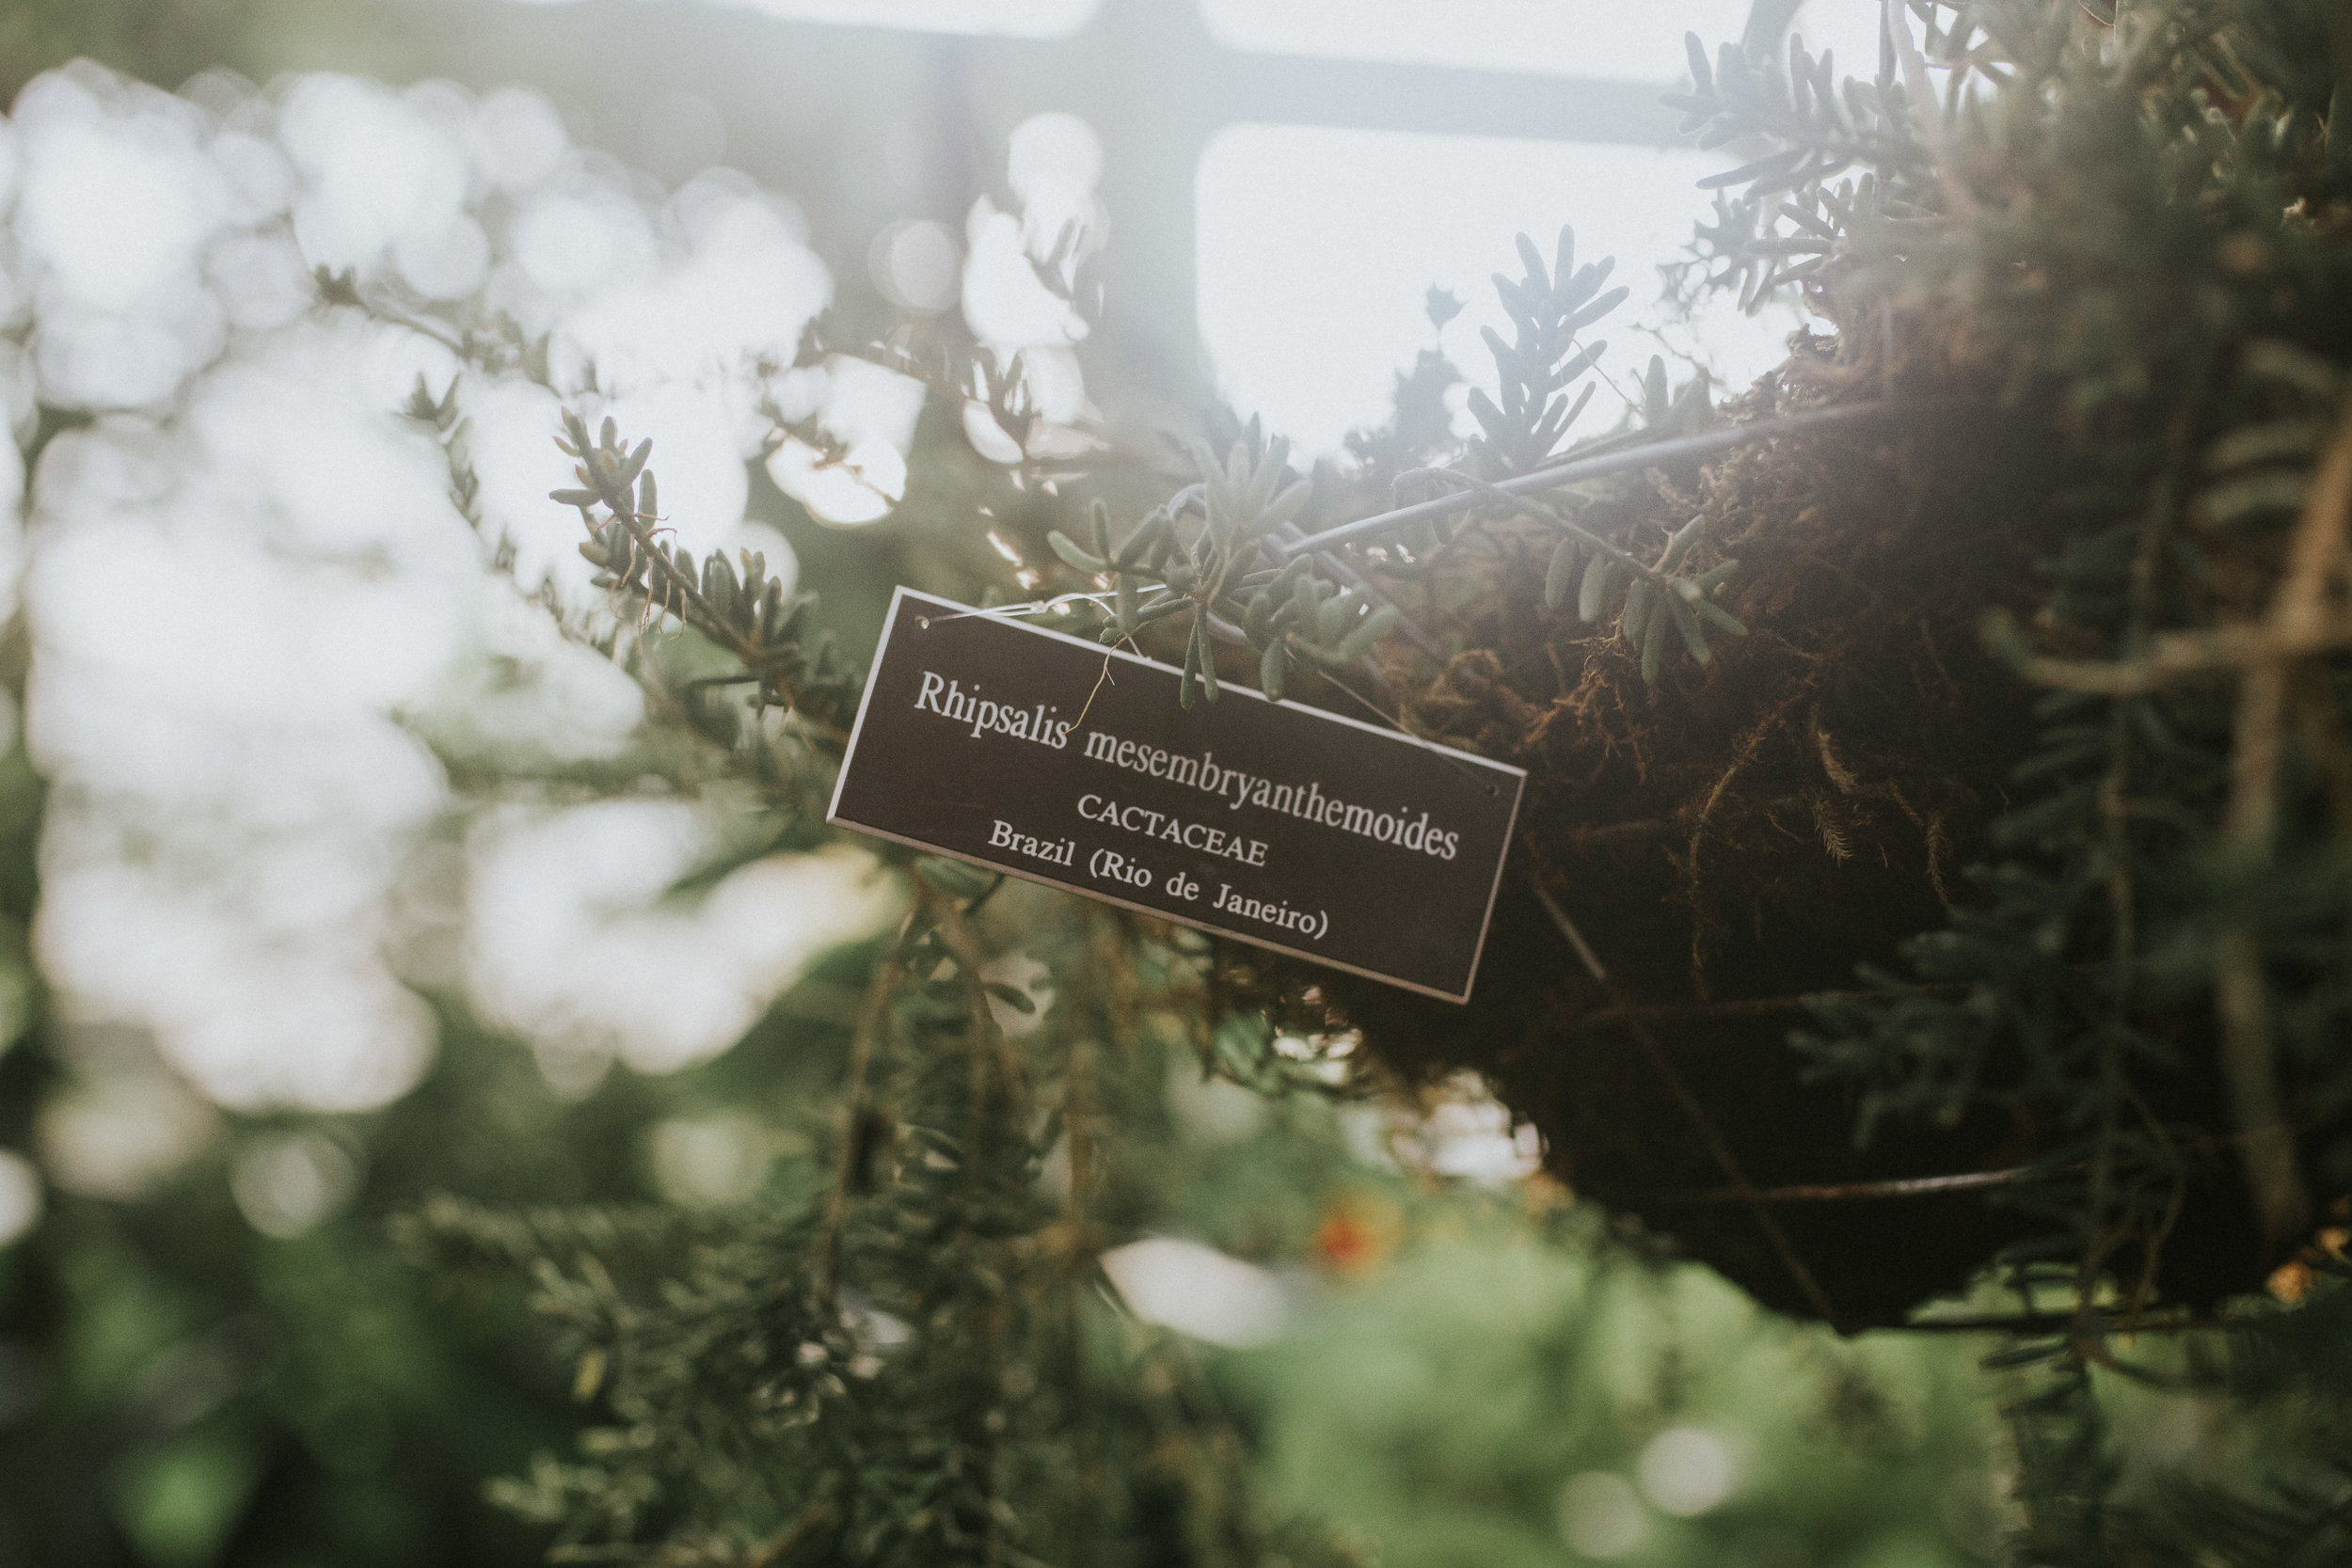 New York Botanical Garden Greenhouse photoshoot southwestern vibe lxc lookbook